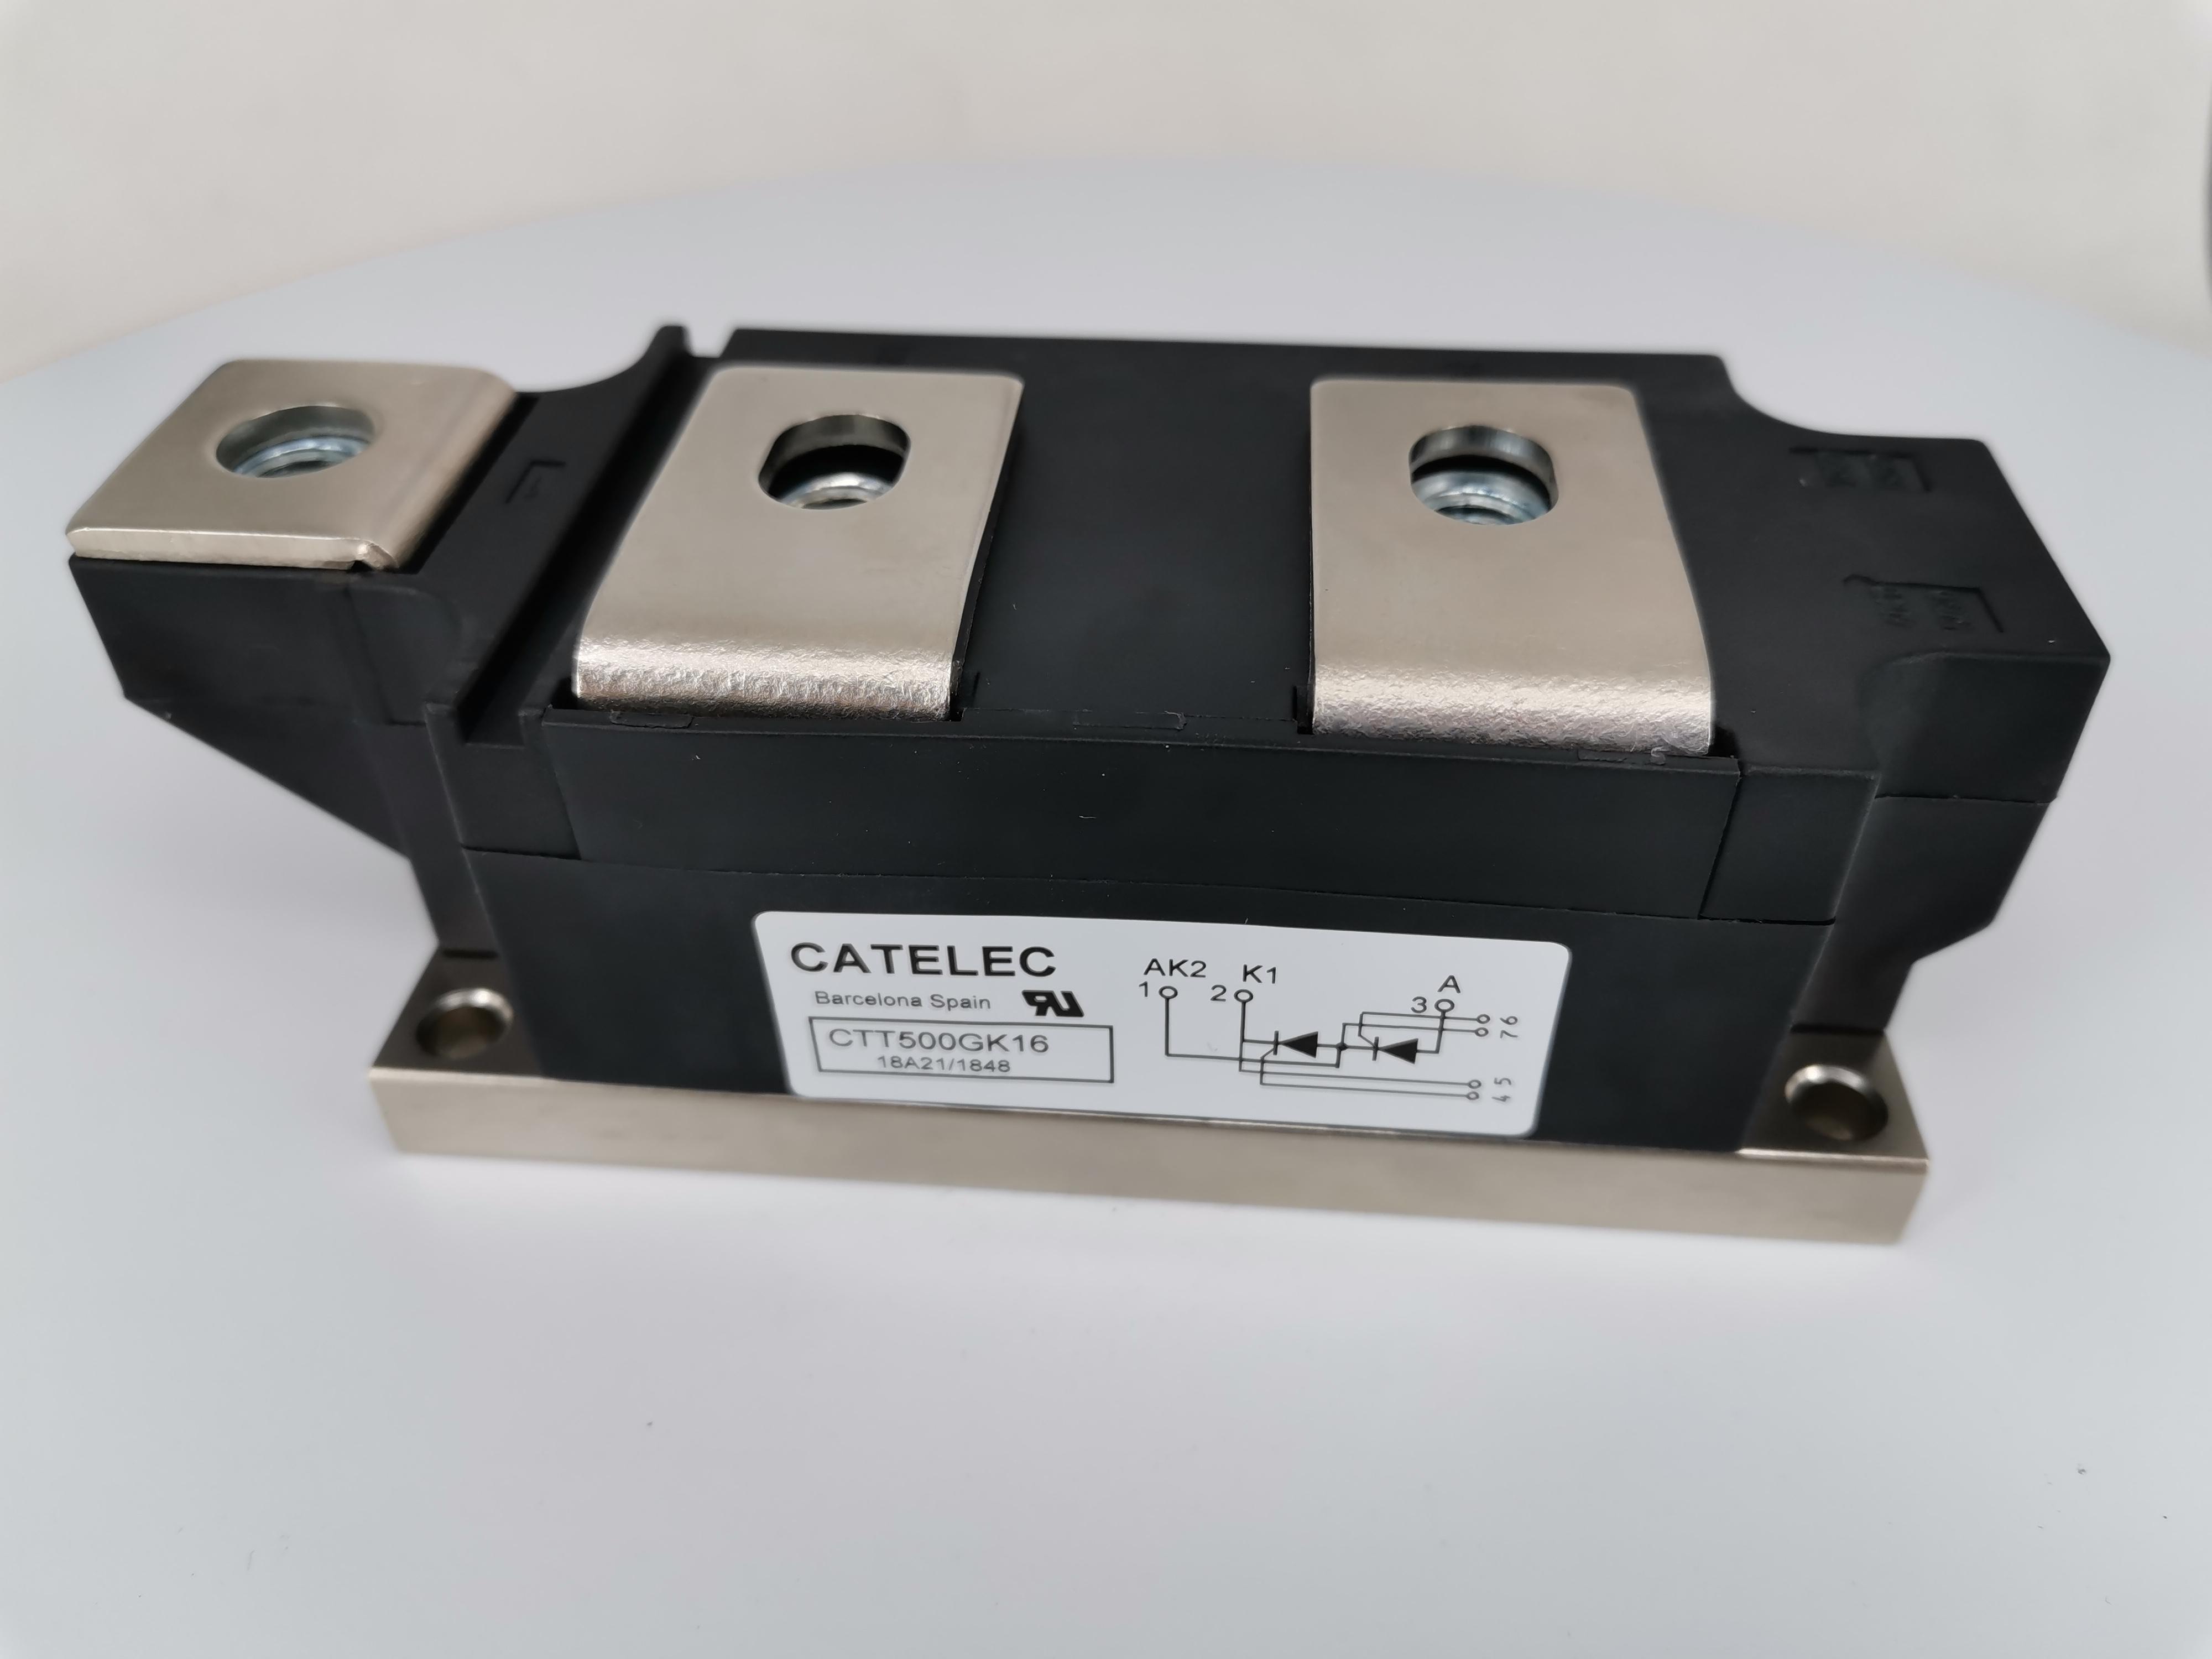 供应全新西班牙CATELEC可控硅模块 CTT500GK16BT  晶闸管二极管  欢迎订购